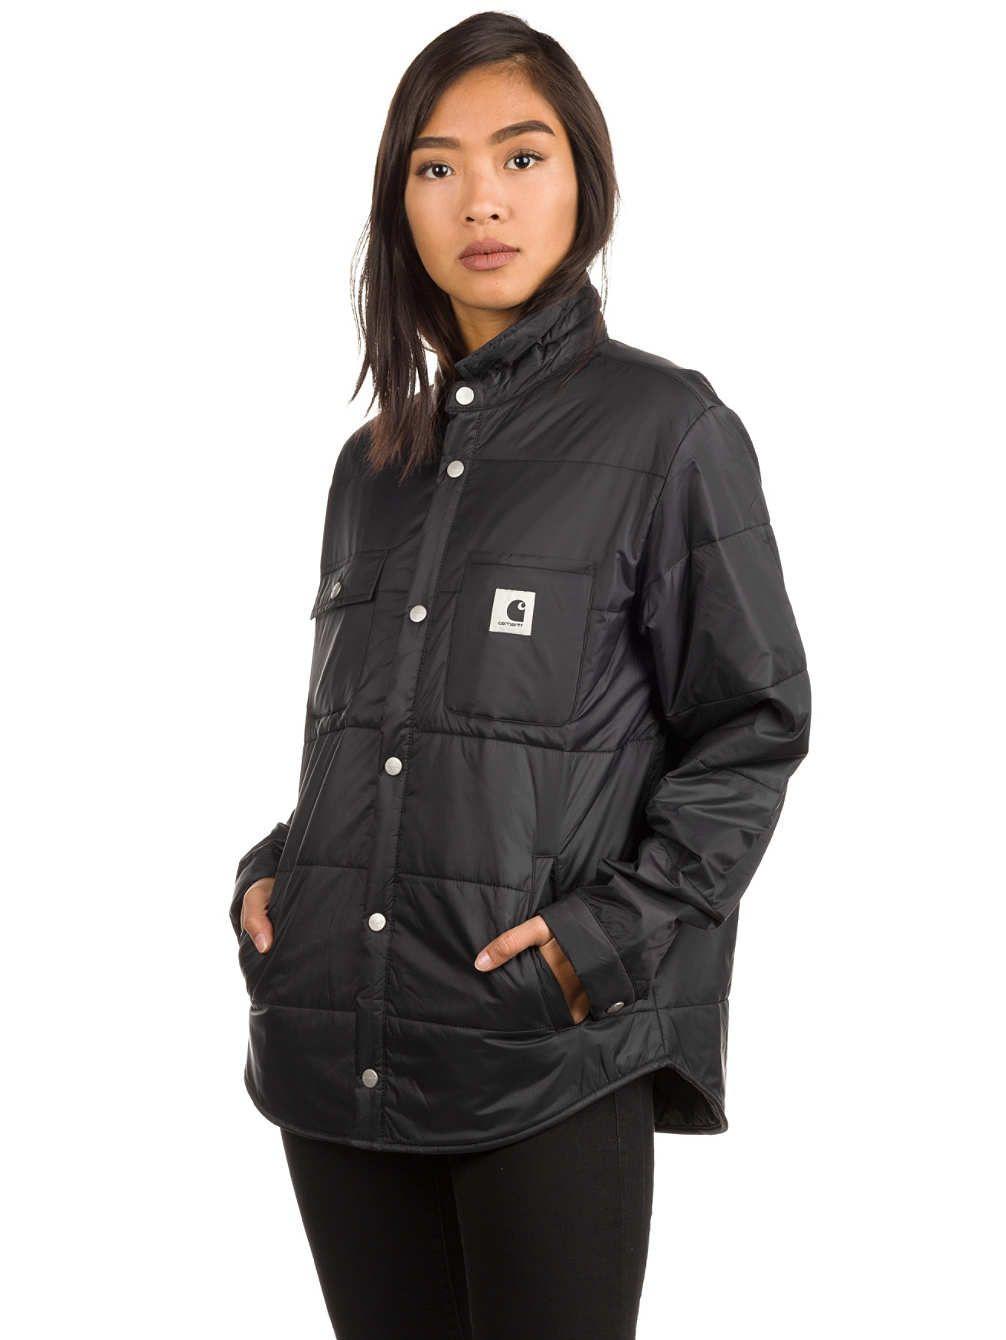 c2707fec48a Buy Carhartt WIP Joann Liner Jacket online   W E A R .